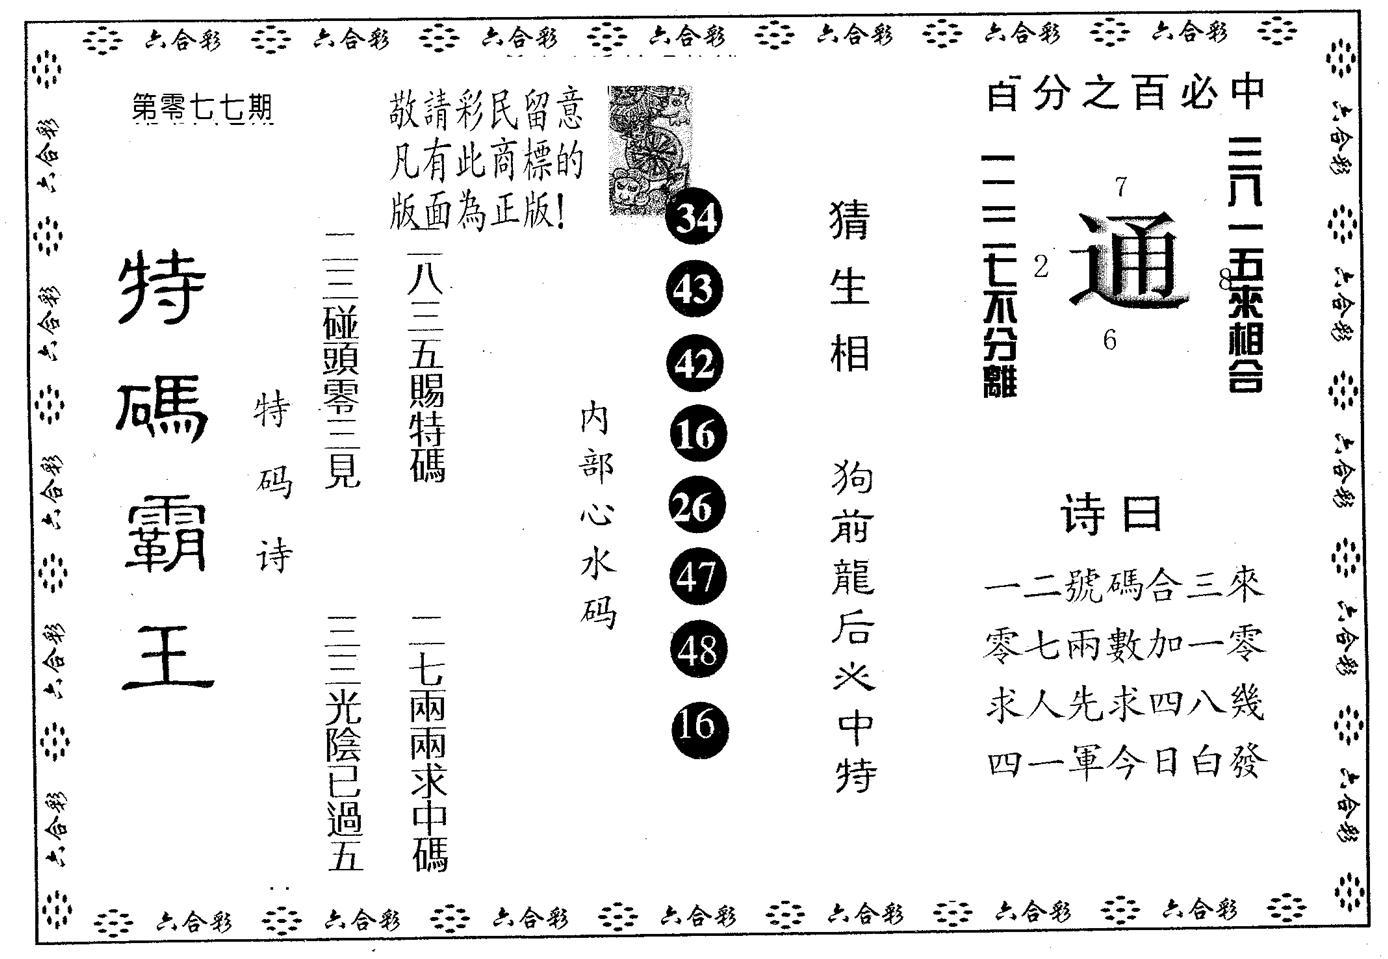 077期特码霸王A(黑白)